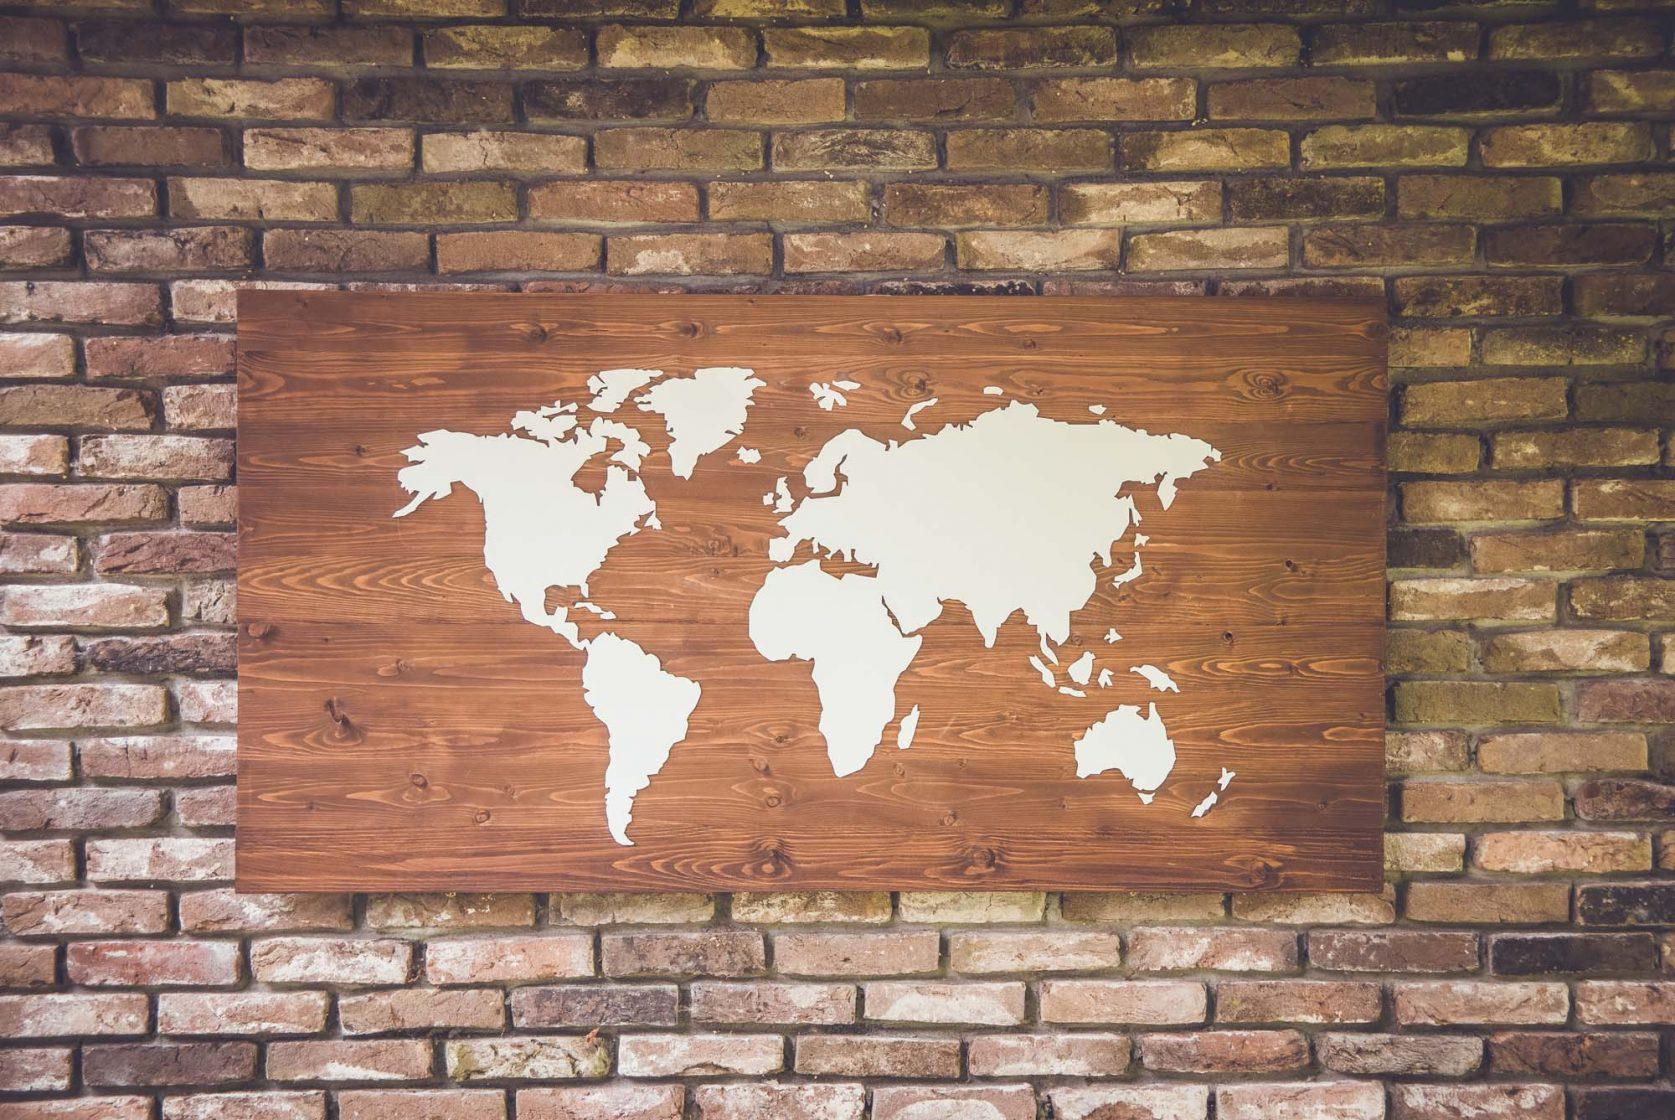 Reisjunk Deze Wereldkaart Van Hout Is Een Musthave Voor